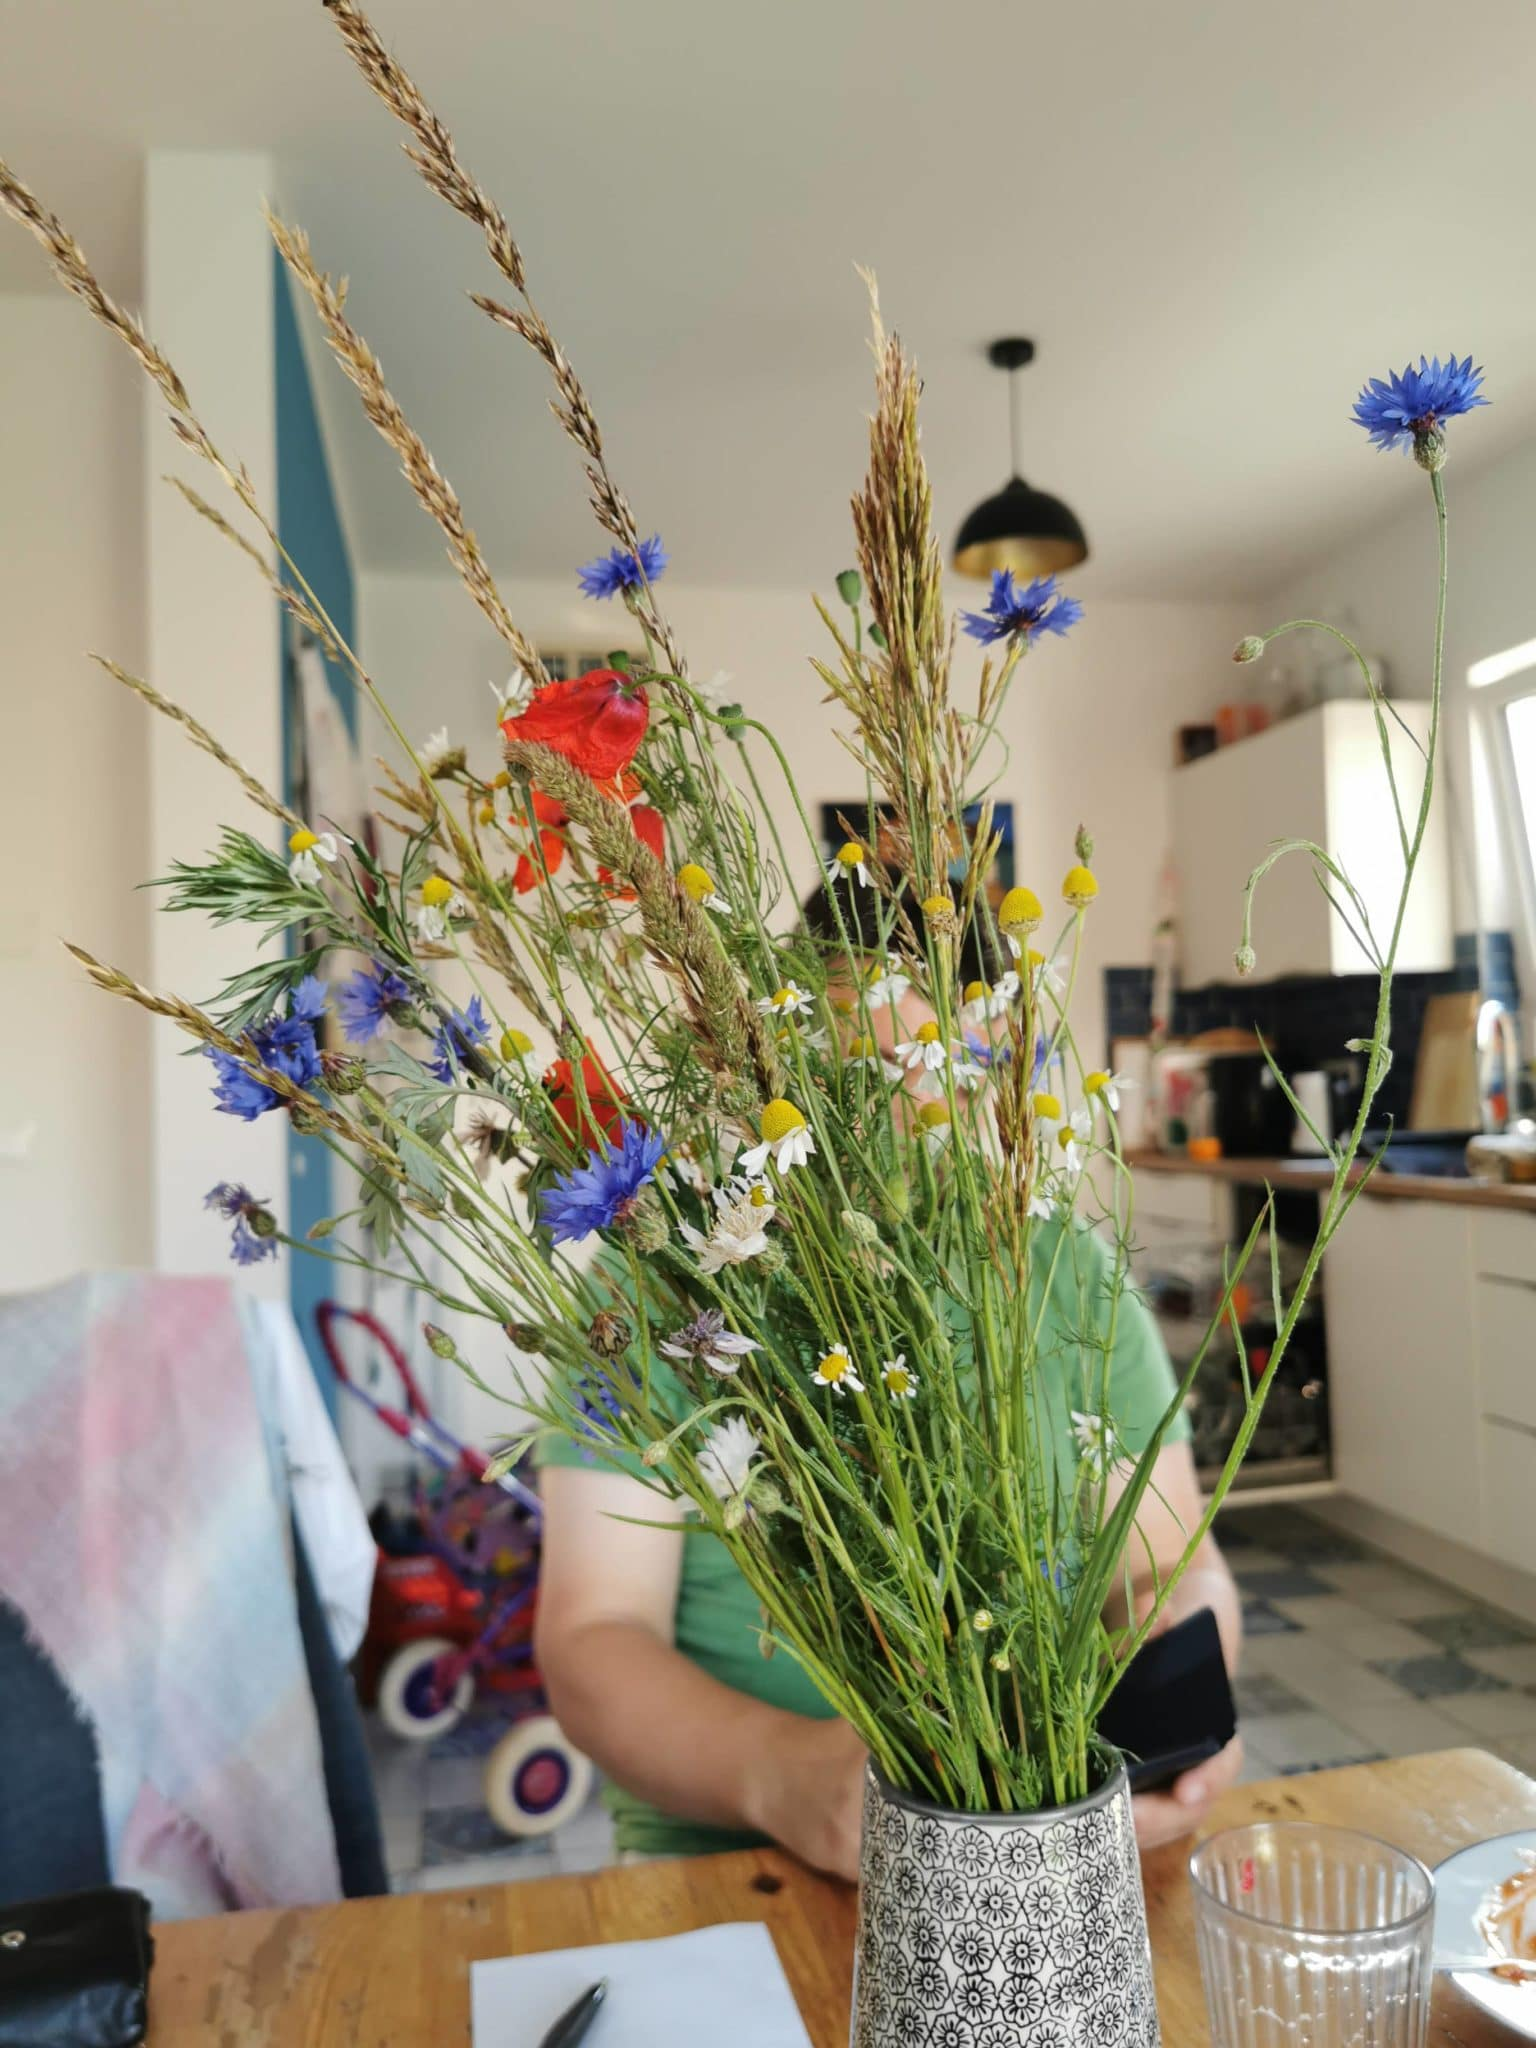 Zu Hause angekommen freut sich der Mann über Wiesenblumen und ich mich über die Kinder.